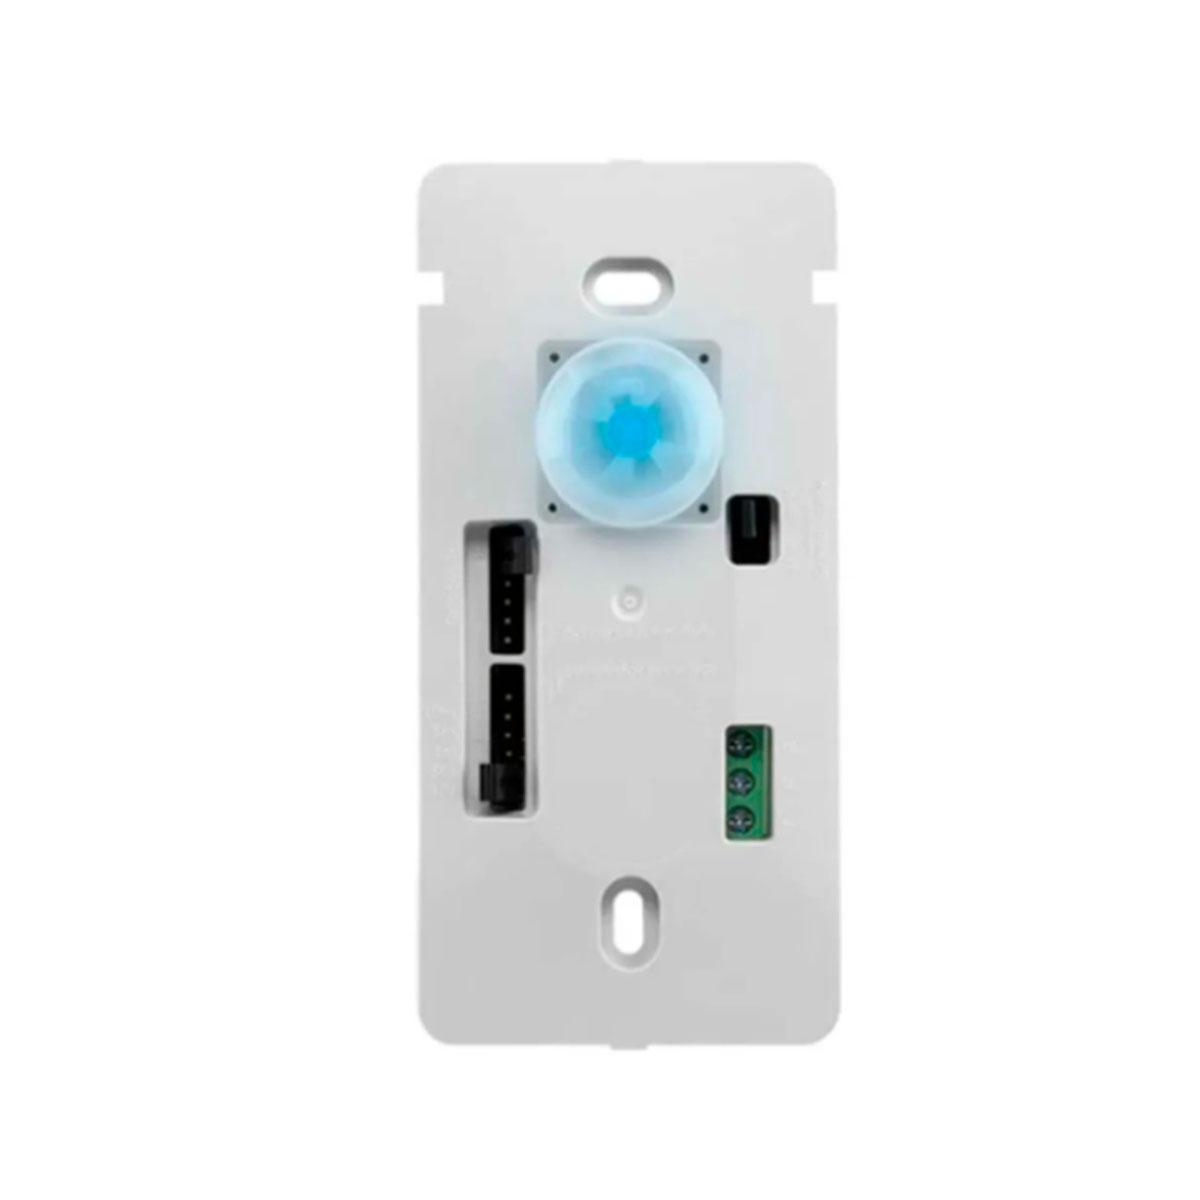 Kit 9 Interruptor Intelbras Presença e Iluminação Espi 180 E